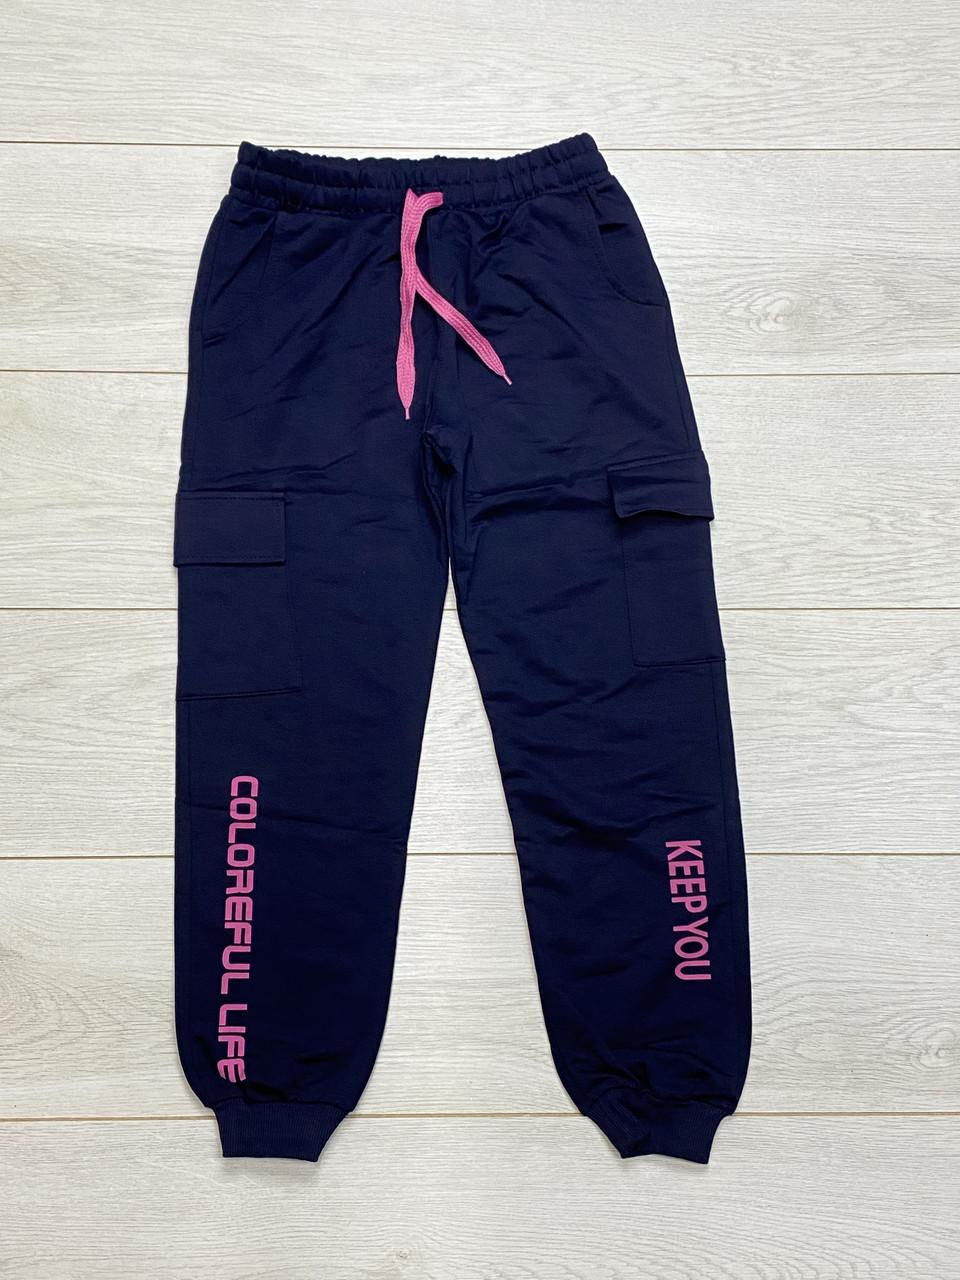 Трикотажные спортивные штаны для девочек. 13- 15 лет.